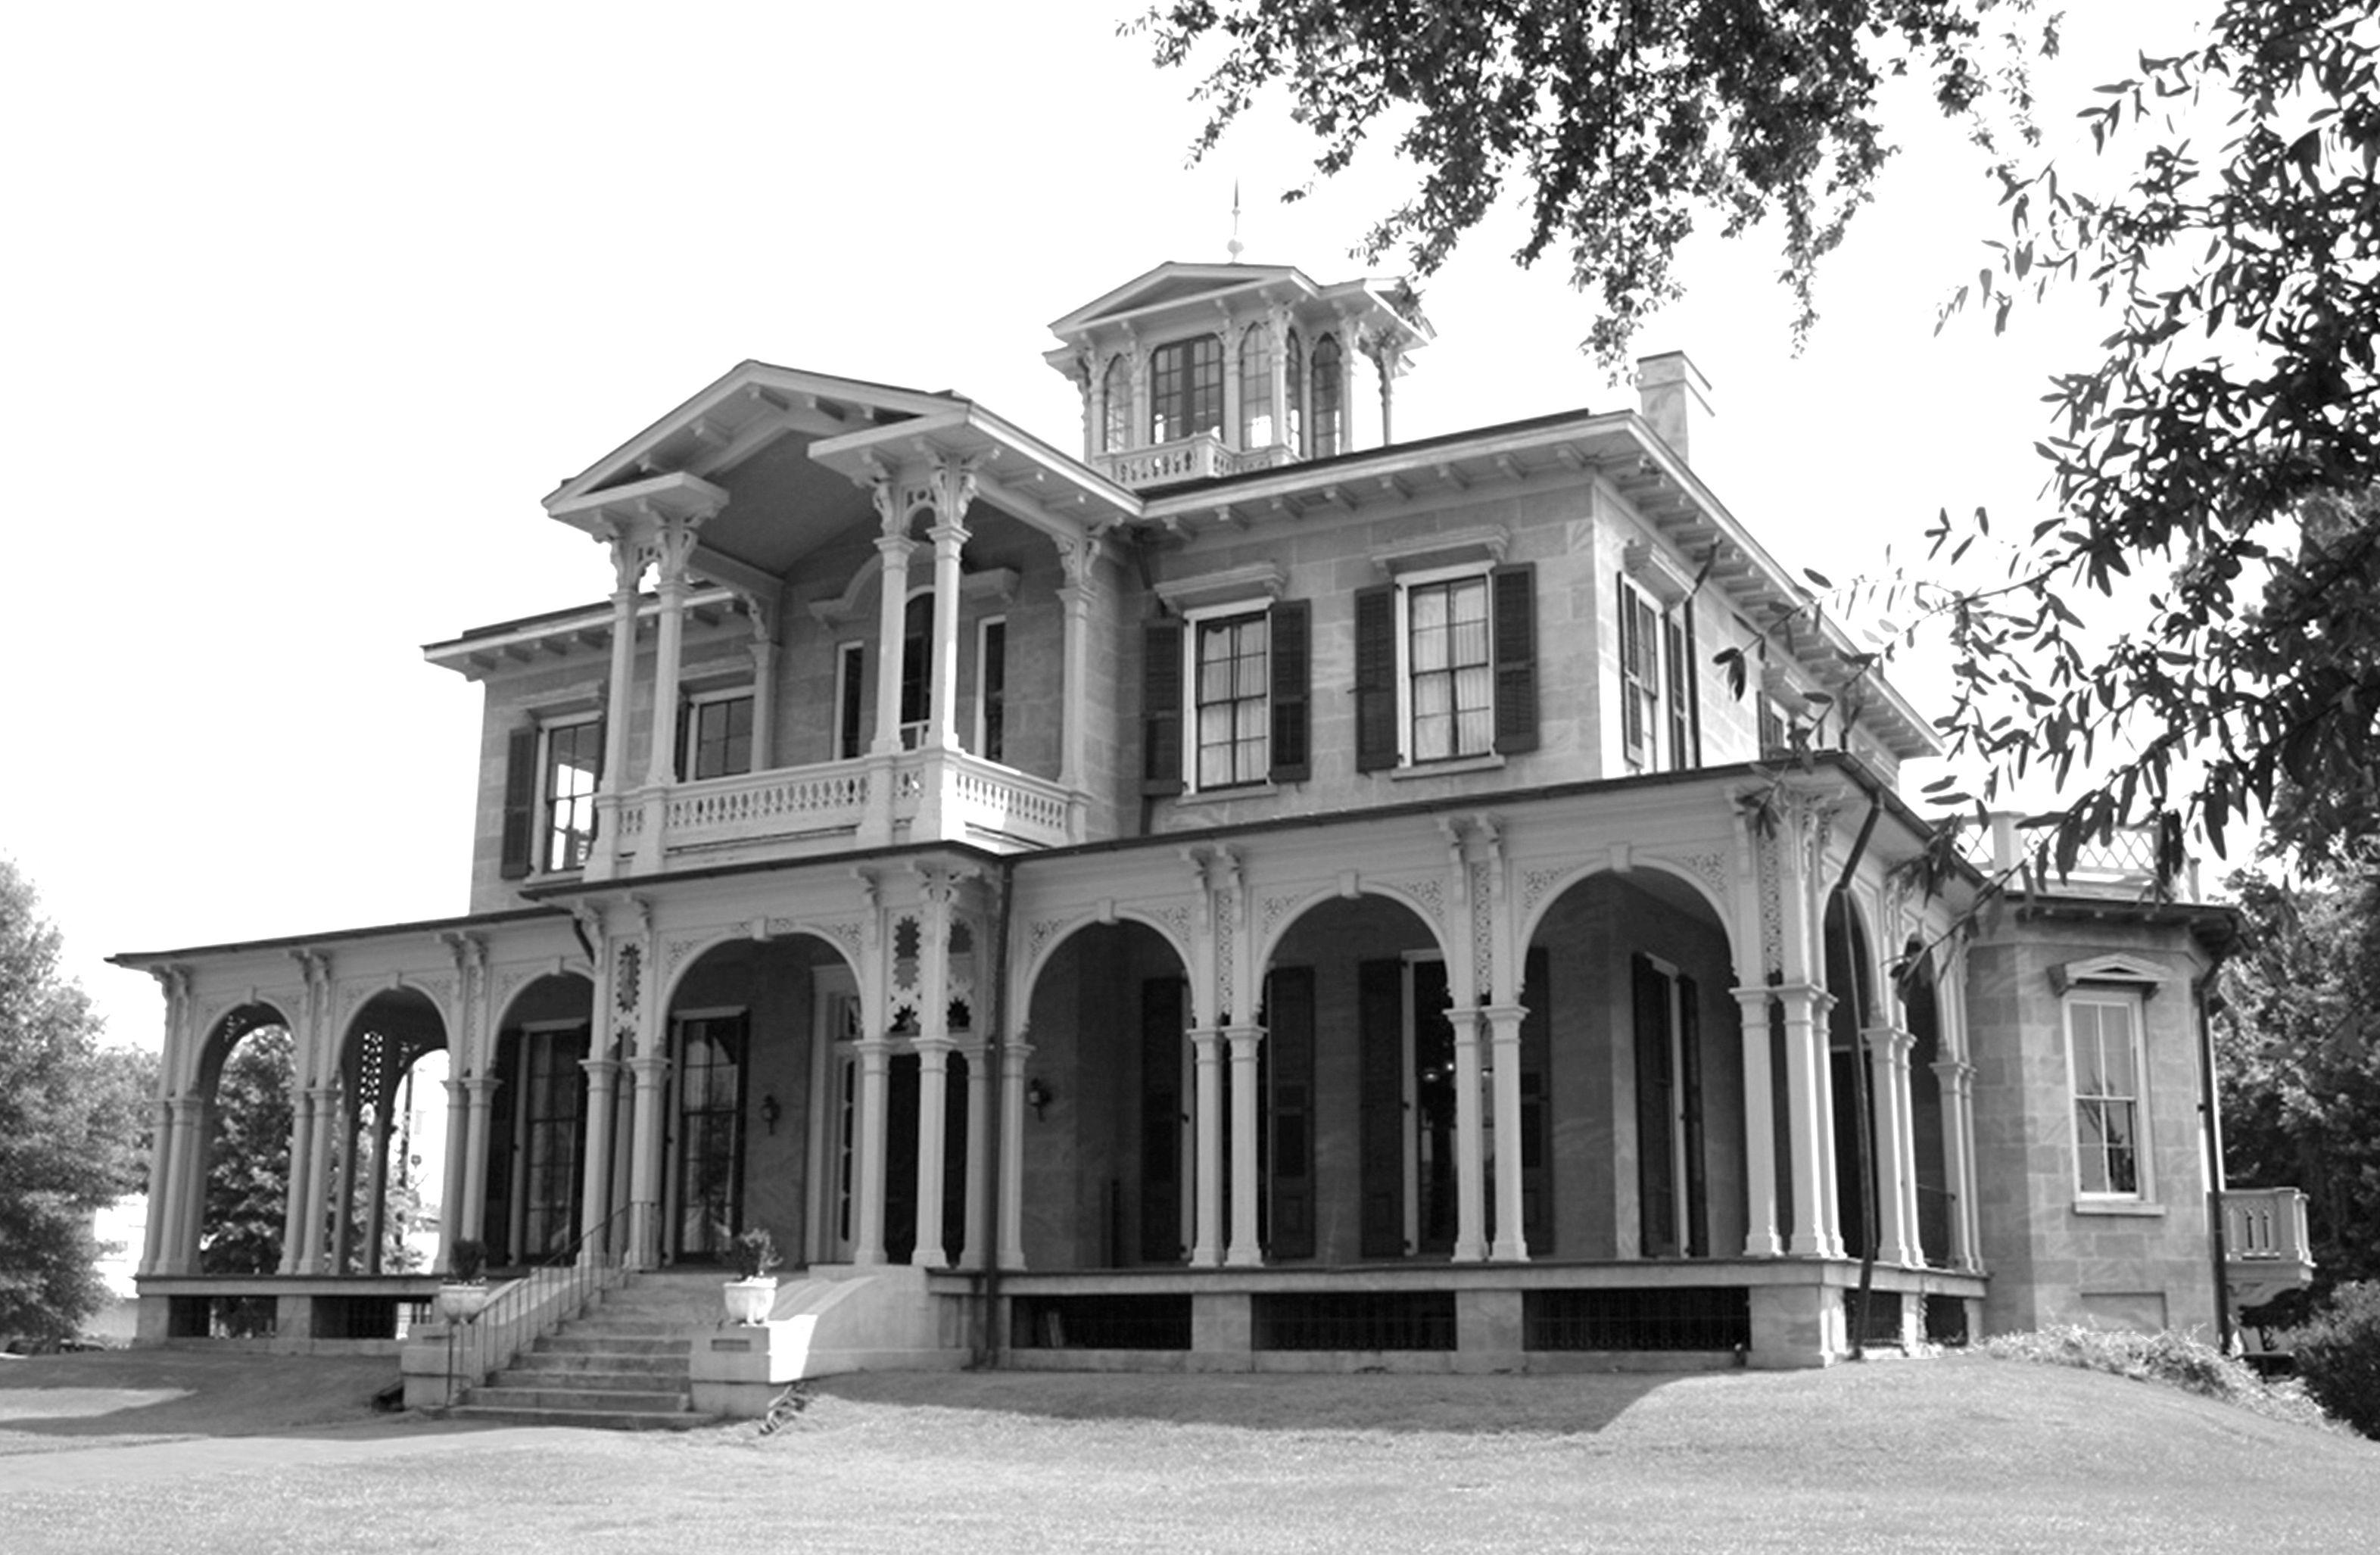 Jemison-Van de Graaf Mansion haunted ghost